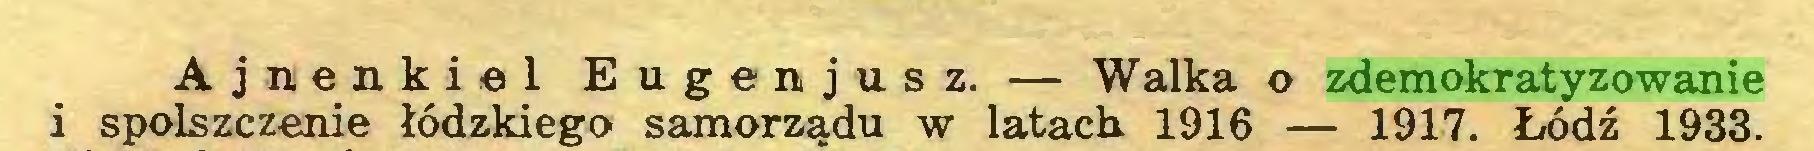 (...) Ajnenkiel Eugenjusz. — Walka o zdemokratyzowanie i spolszczenie łódzkiego samorządu w latach. 1916 — 1917. Łódź 1933...